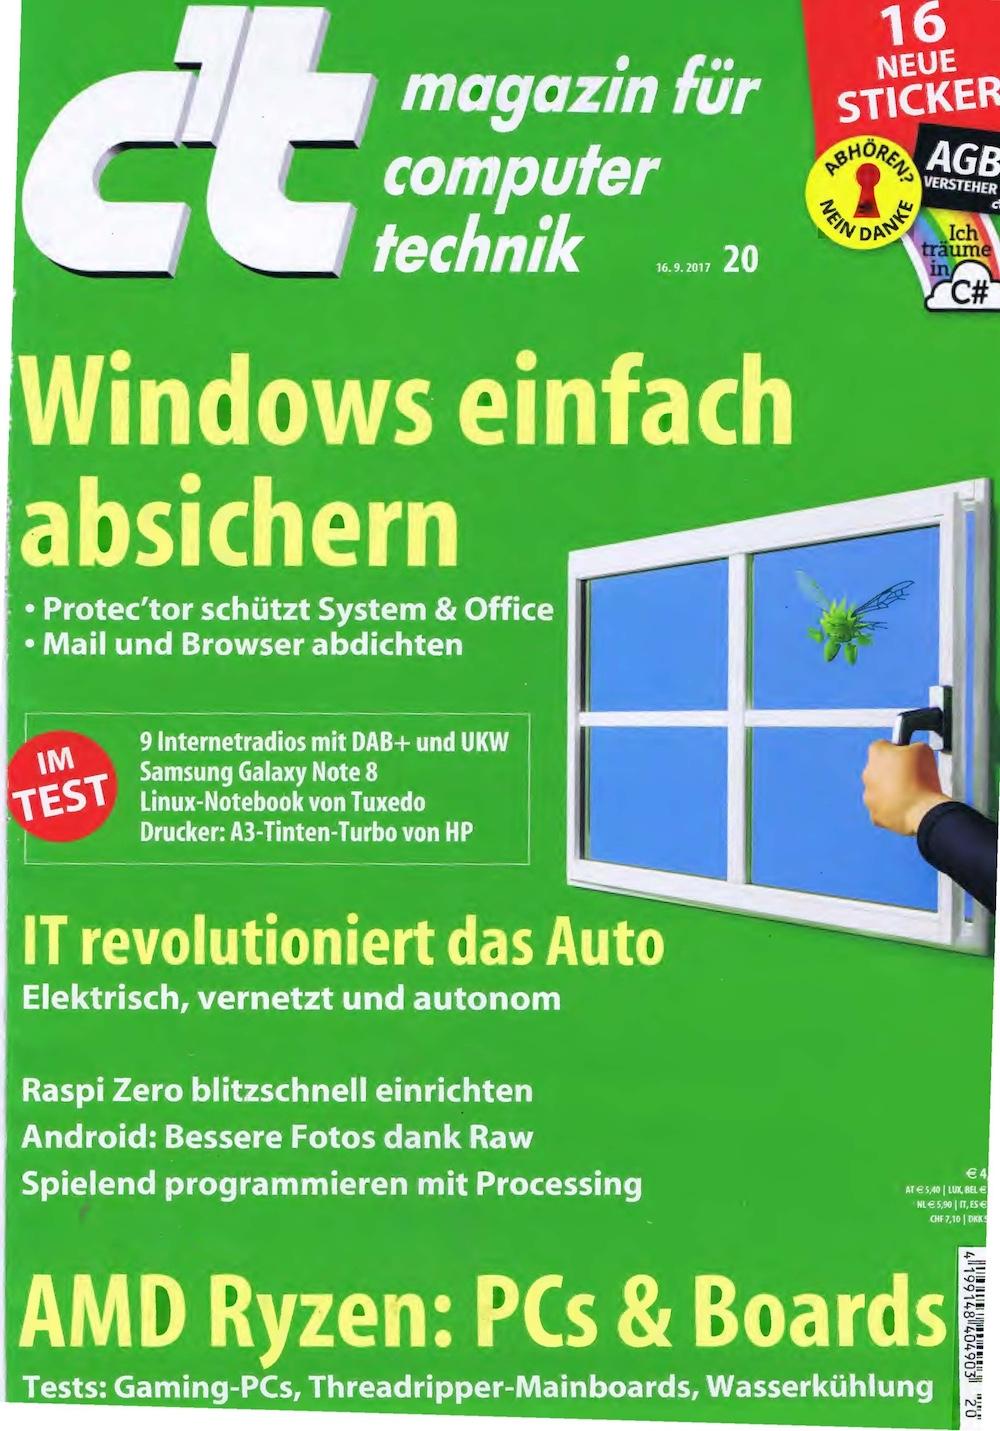 c't Magazin 2017-20